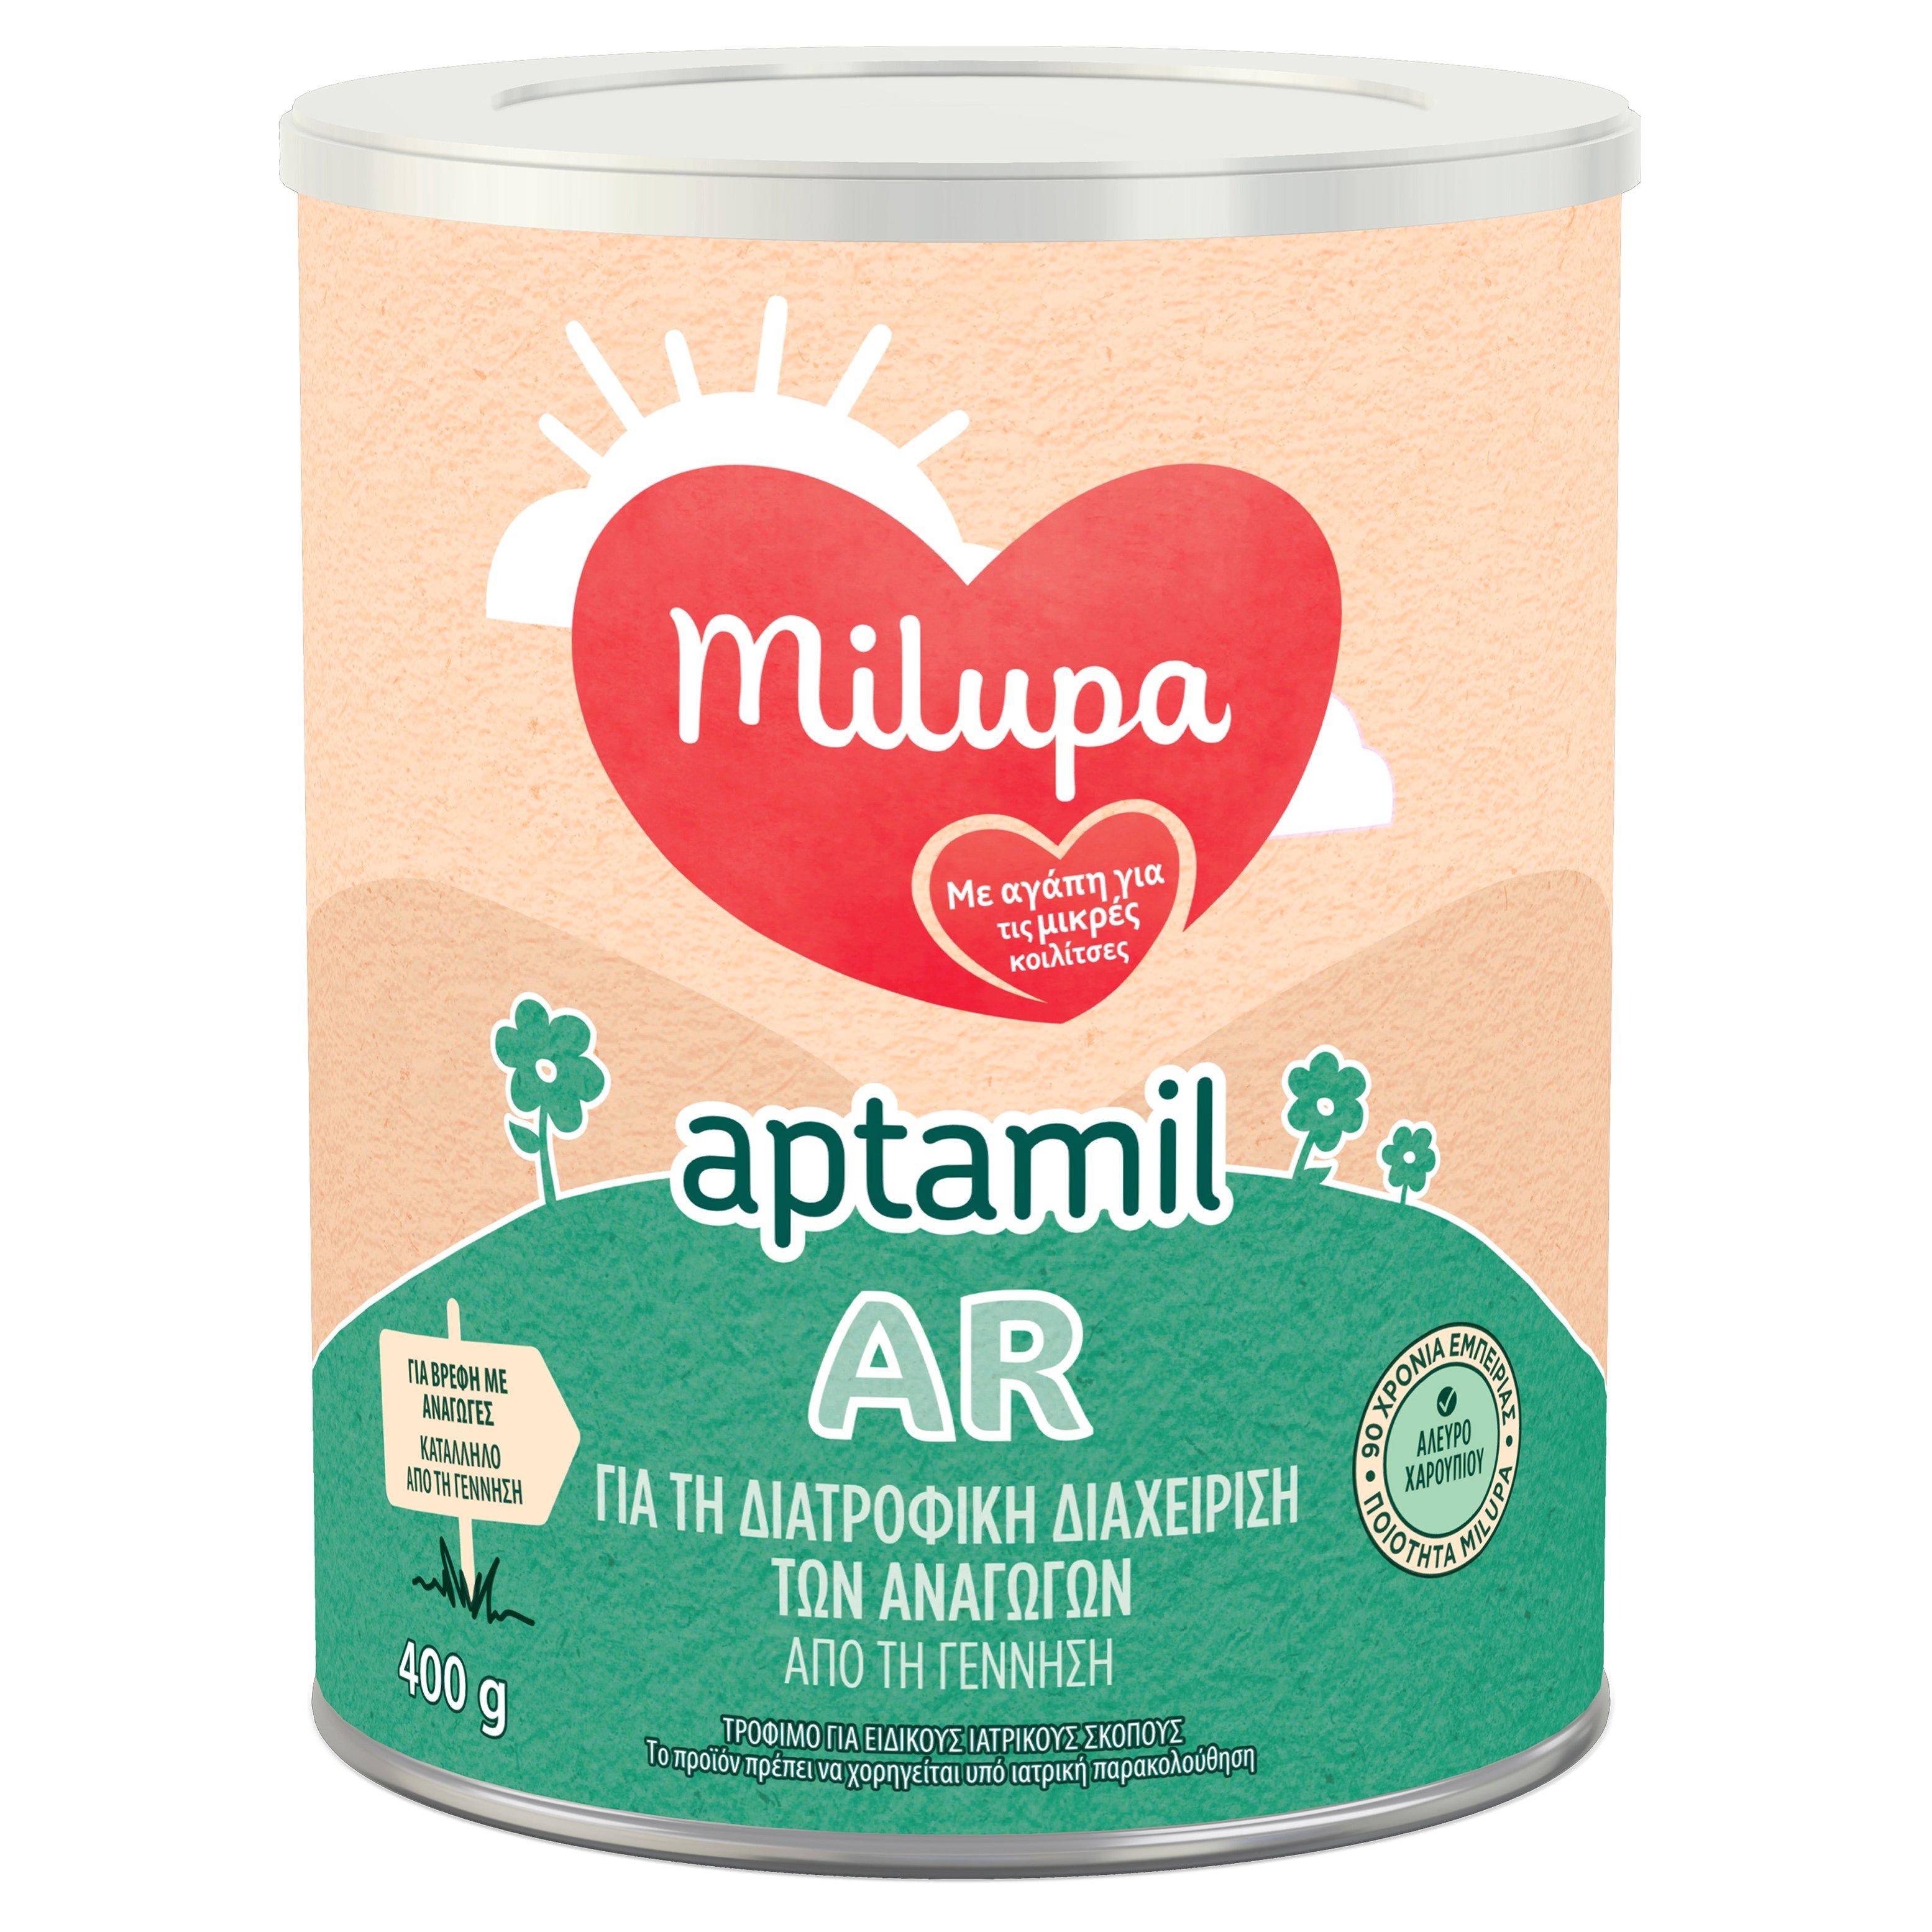 Milupa Aptamil AR για την Διατροφική Διαχείριση των Αναγωγών 400gr